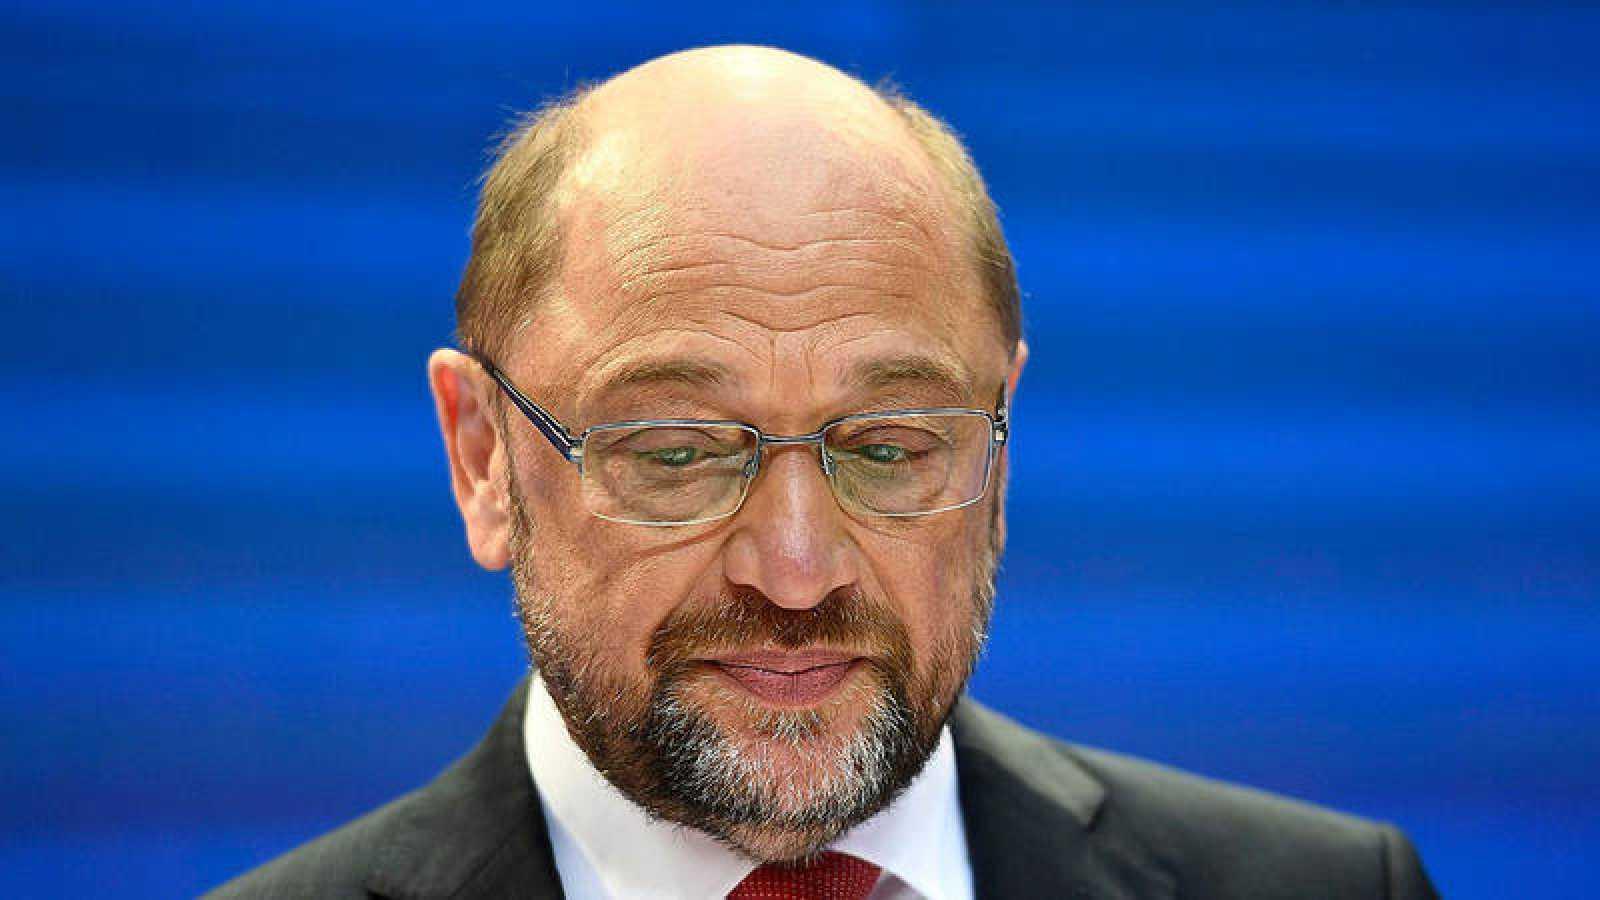 El líder del Partido Socialdemócrata (SPD), Martin Schulz, ofrece una rueda de prensa en Berlín